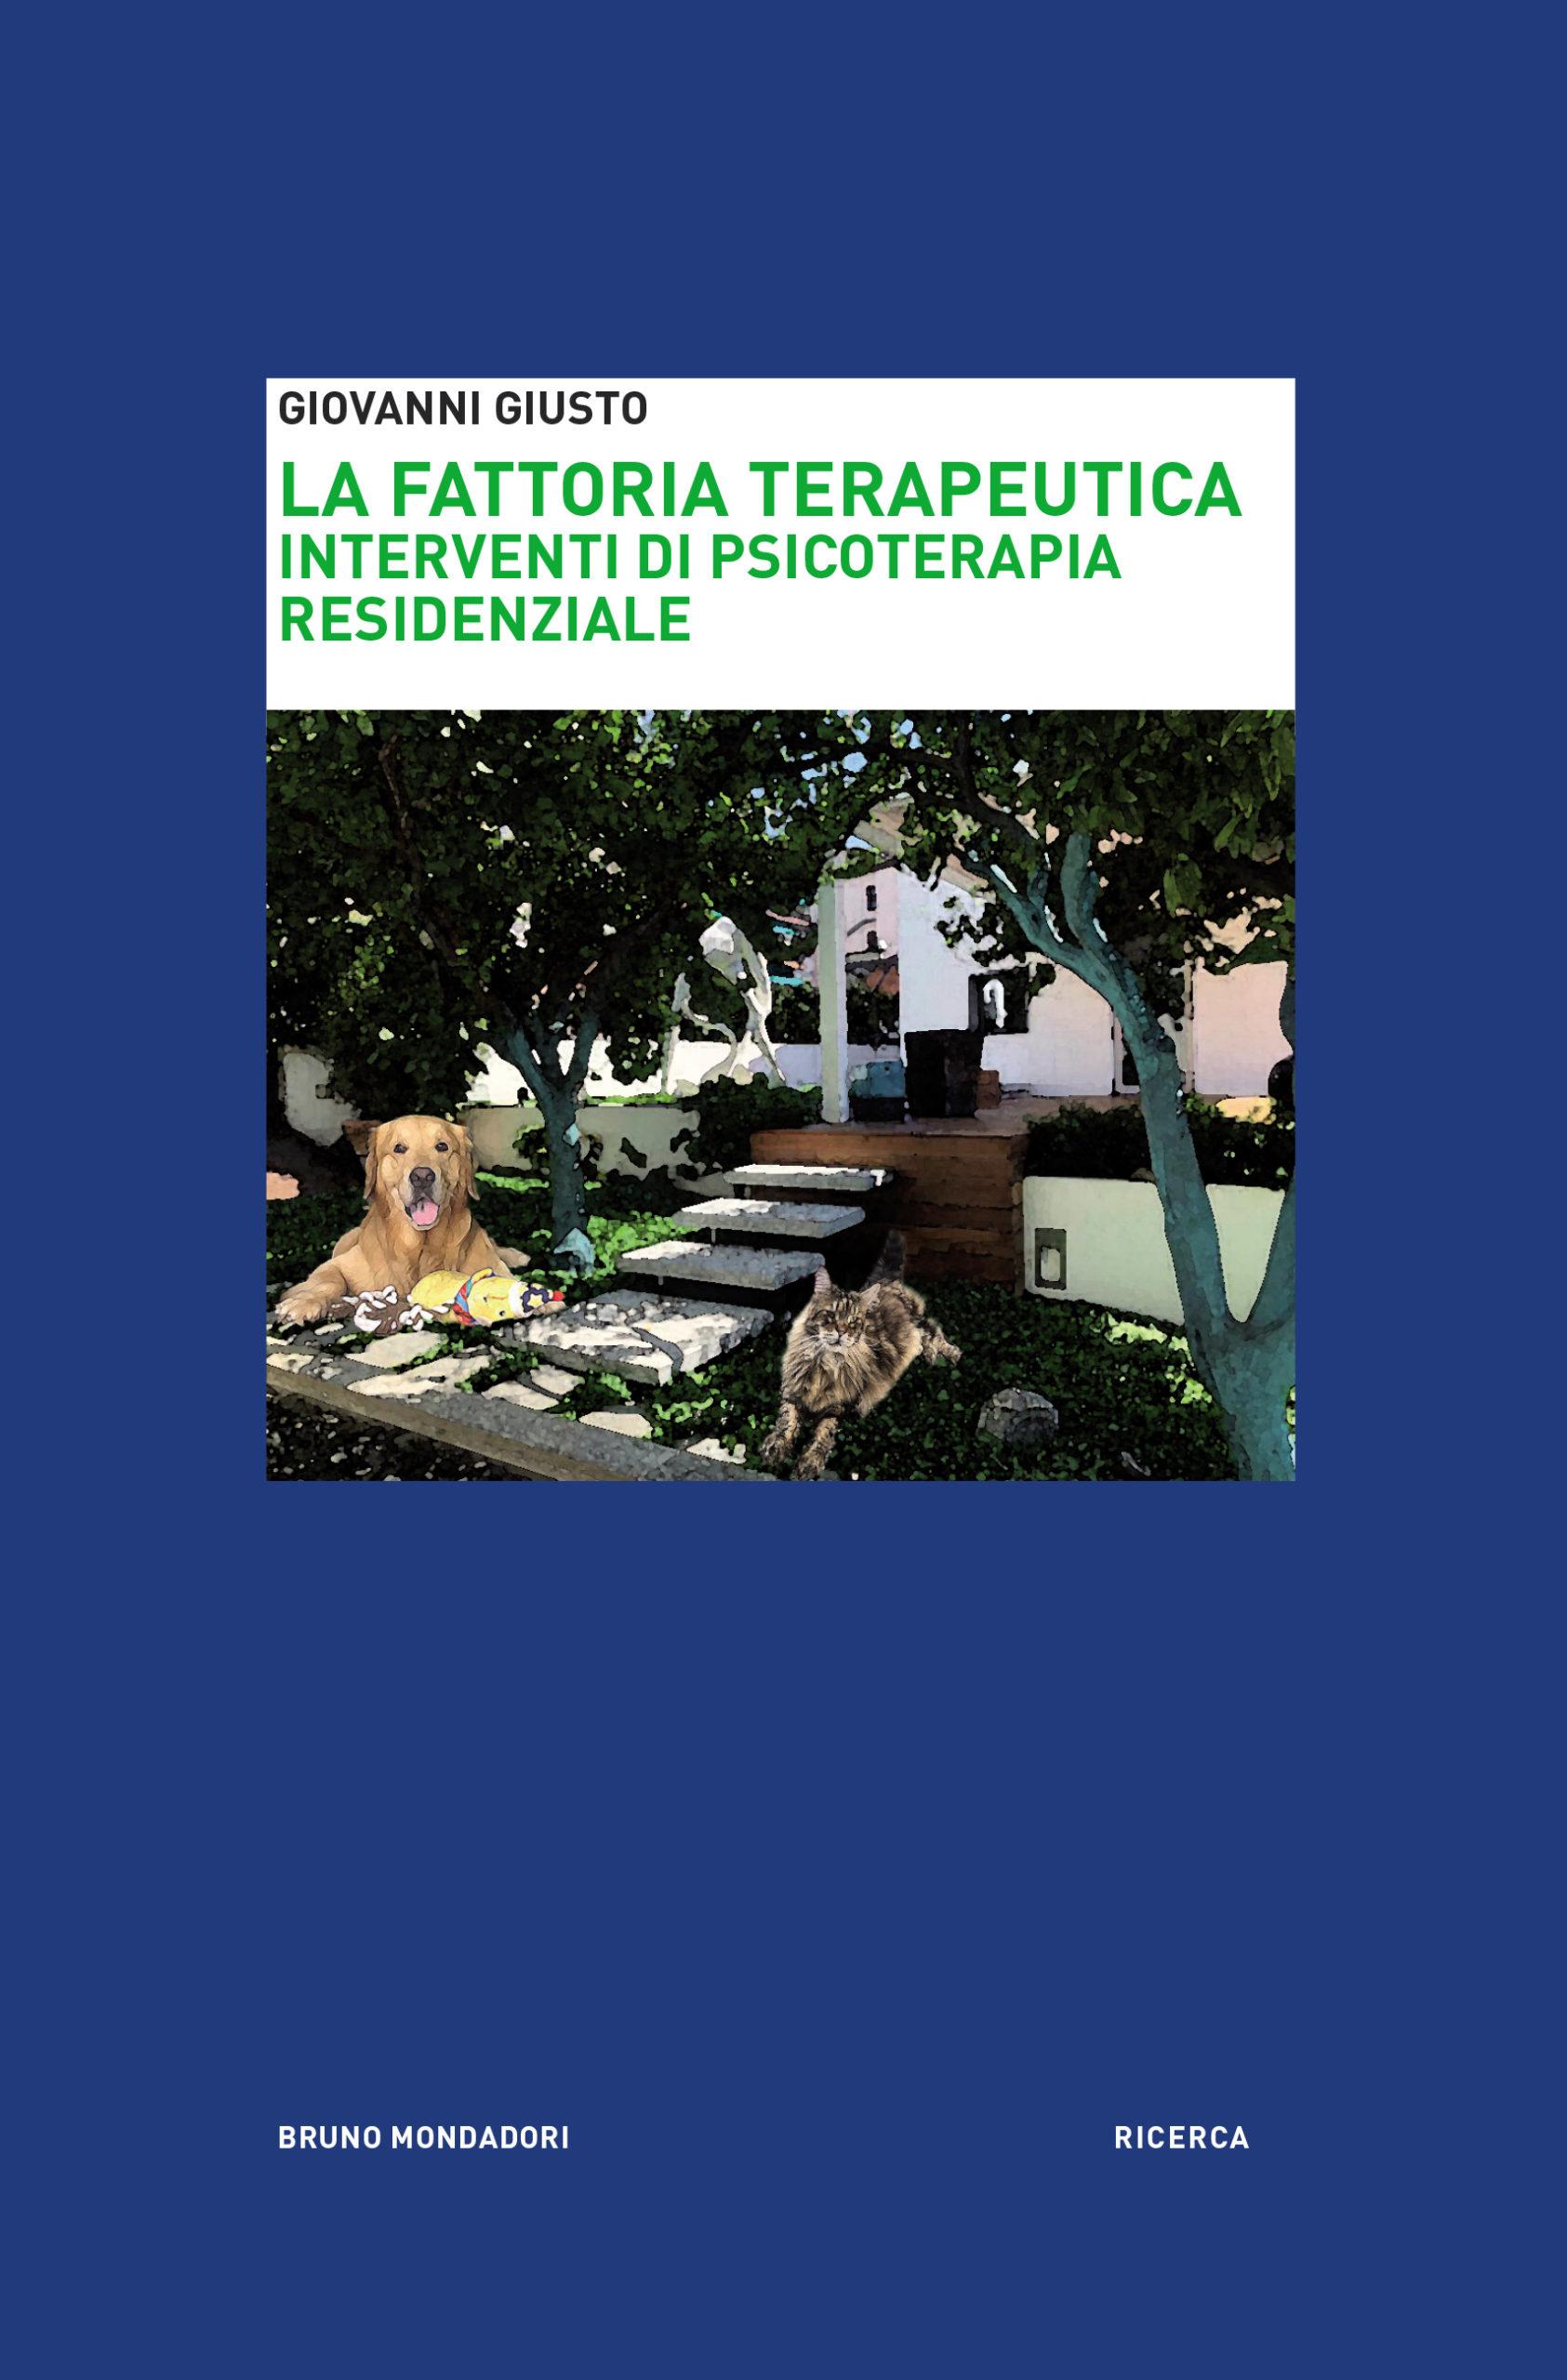 La Fattoria Terapeutica. Interventi di Psicoterapia Residenziale